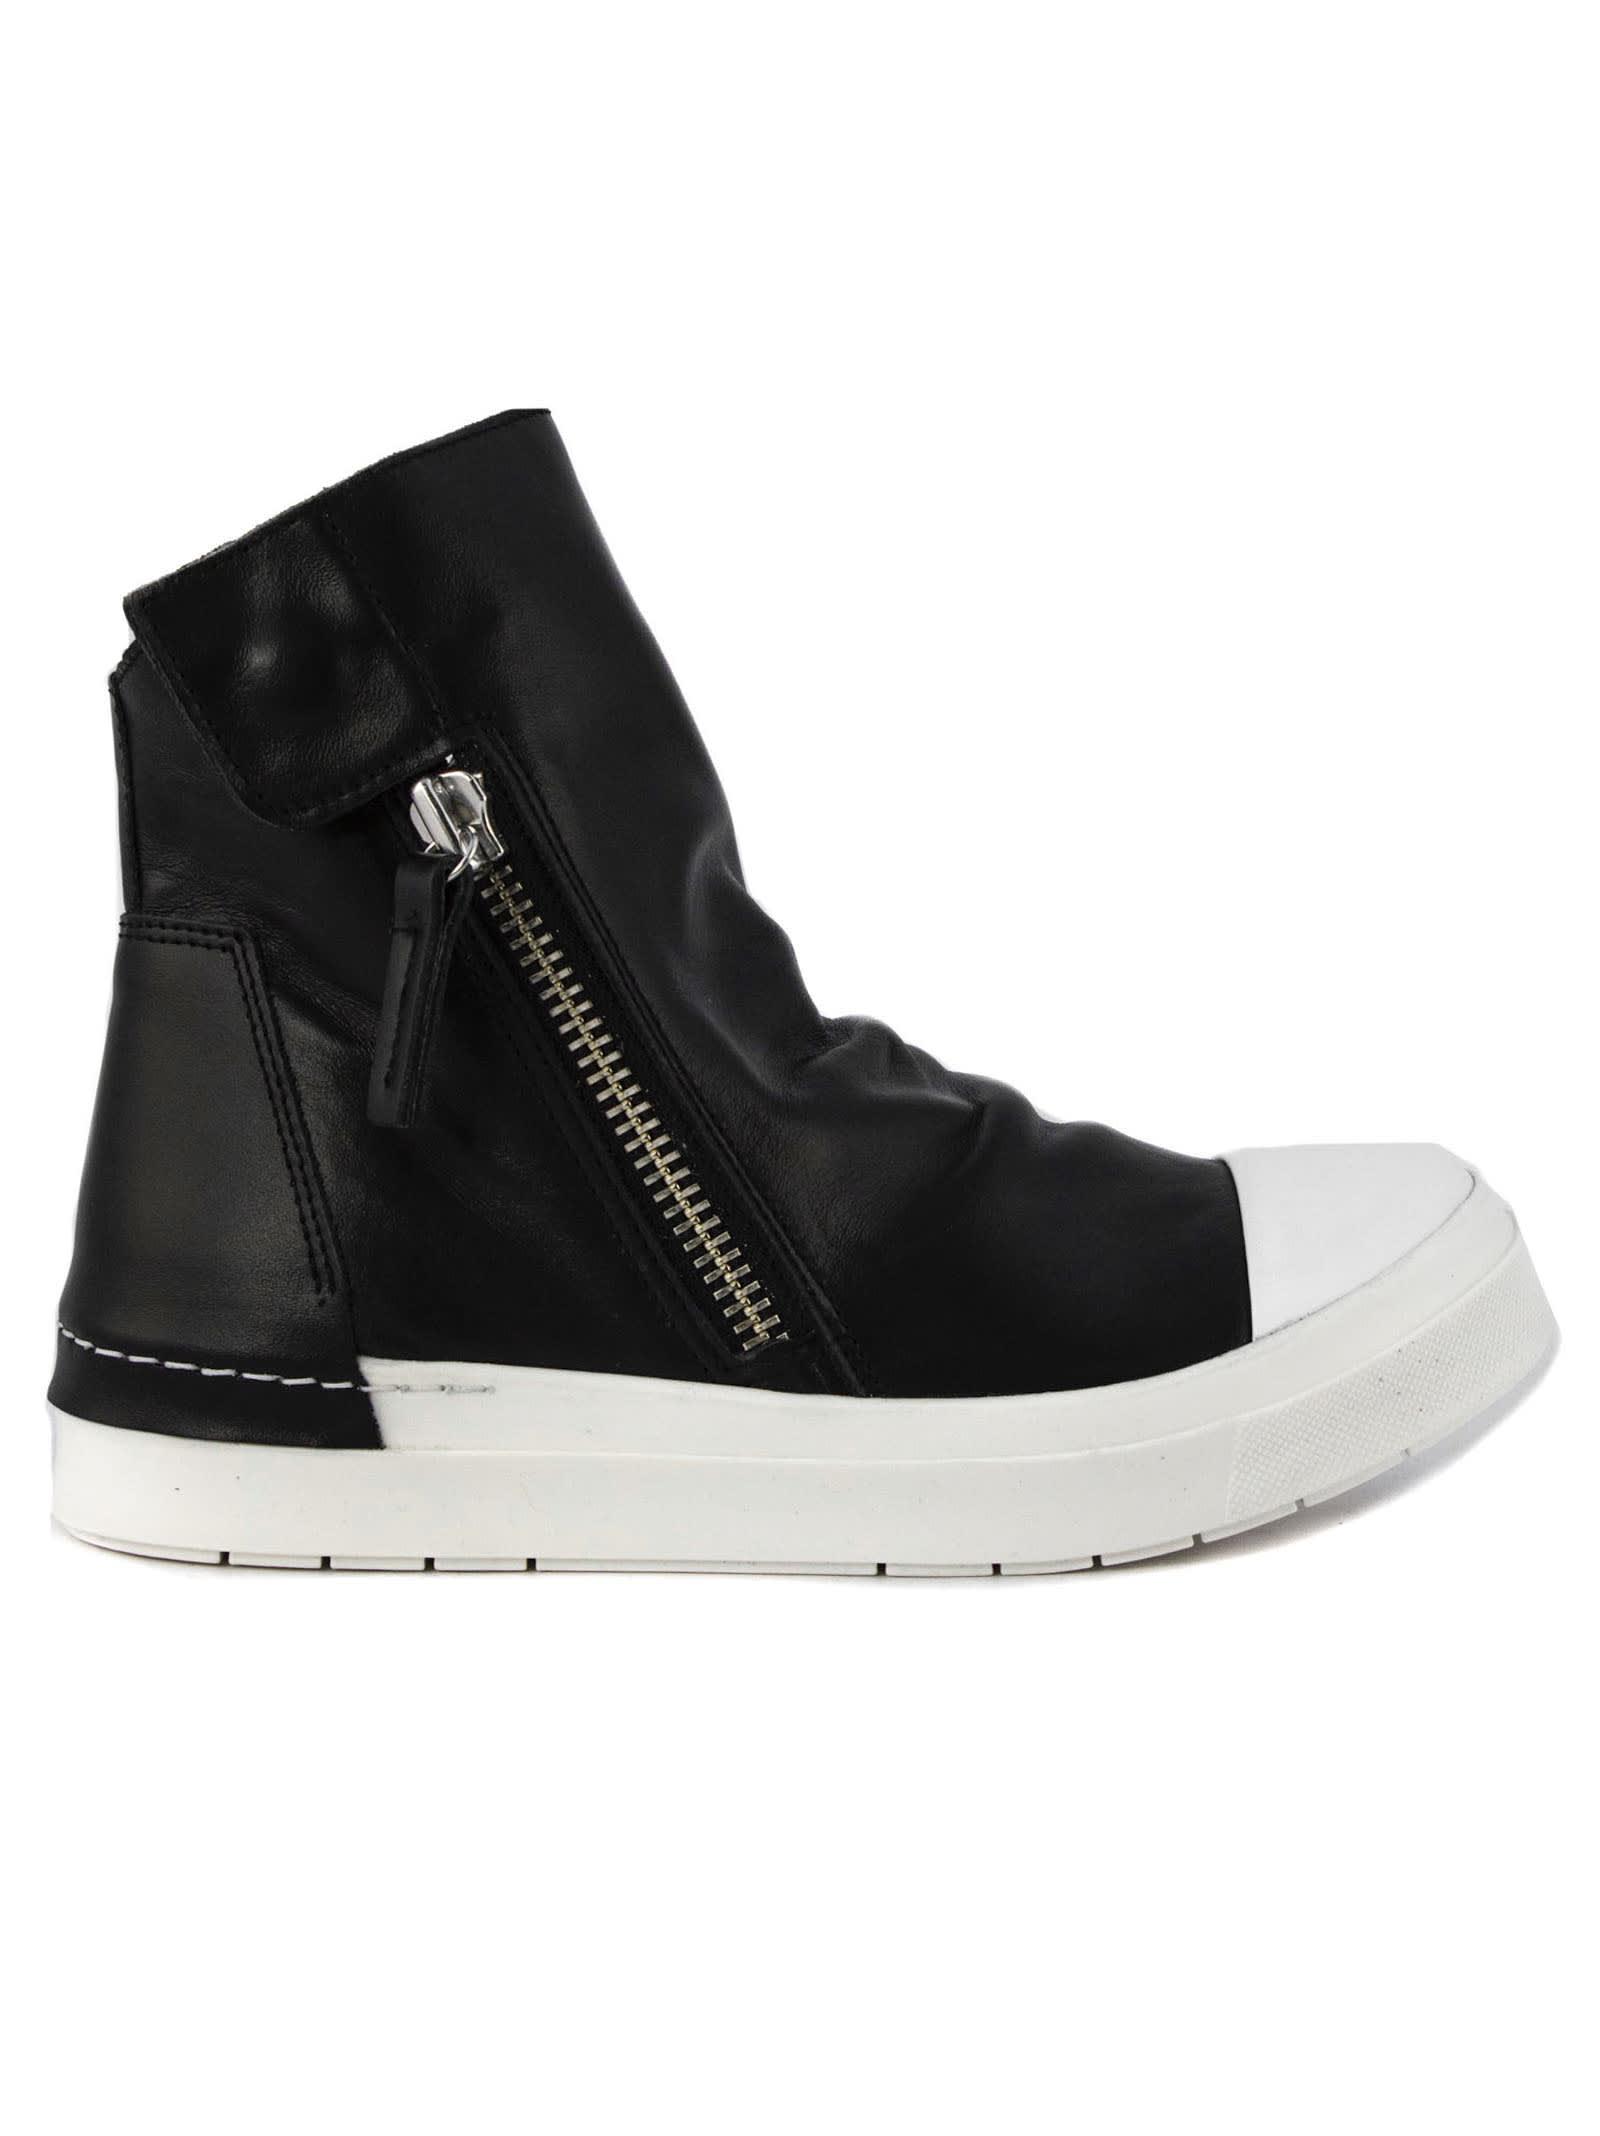 High-top Sneaker In Black